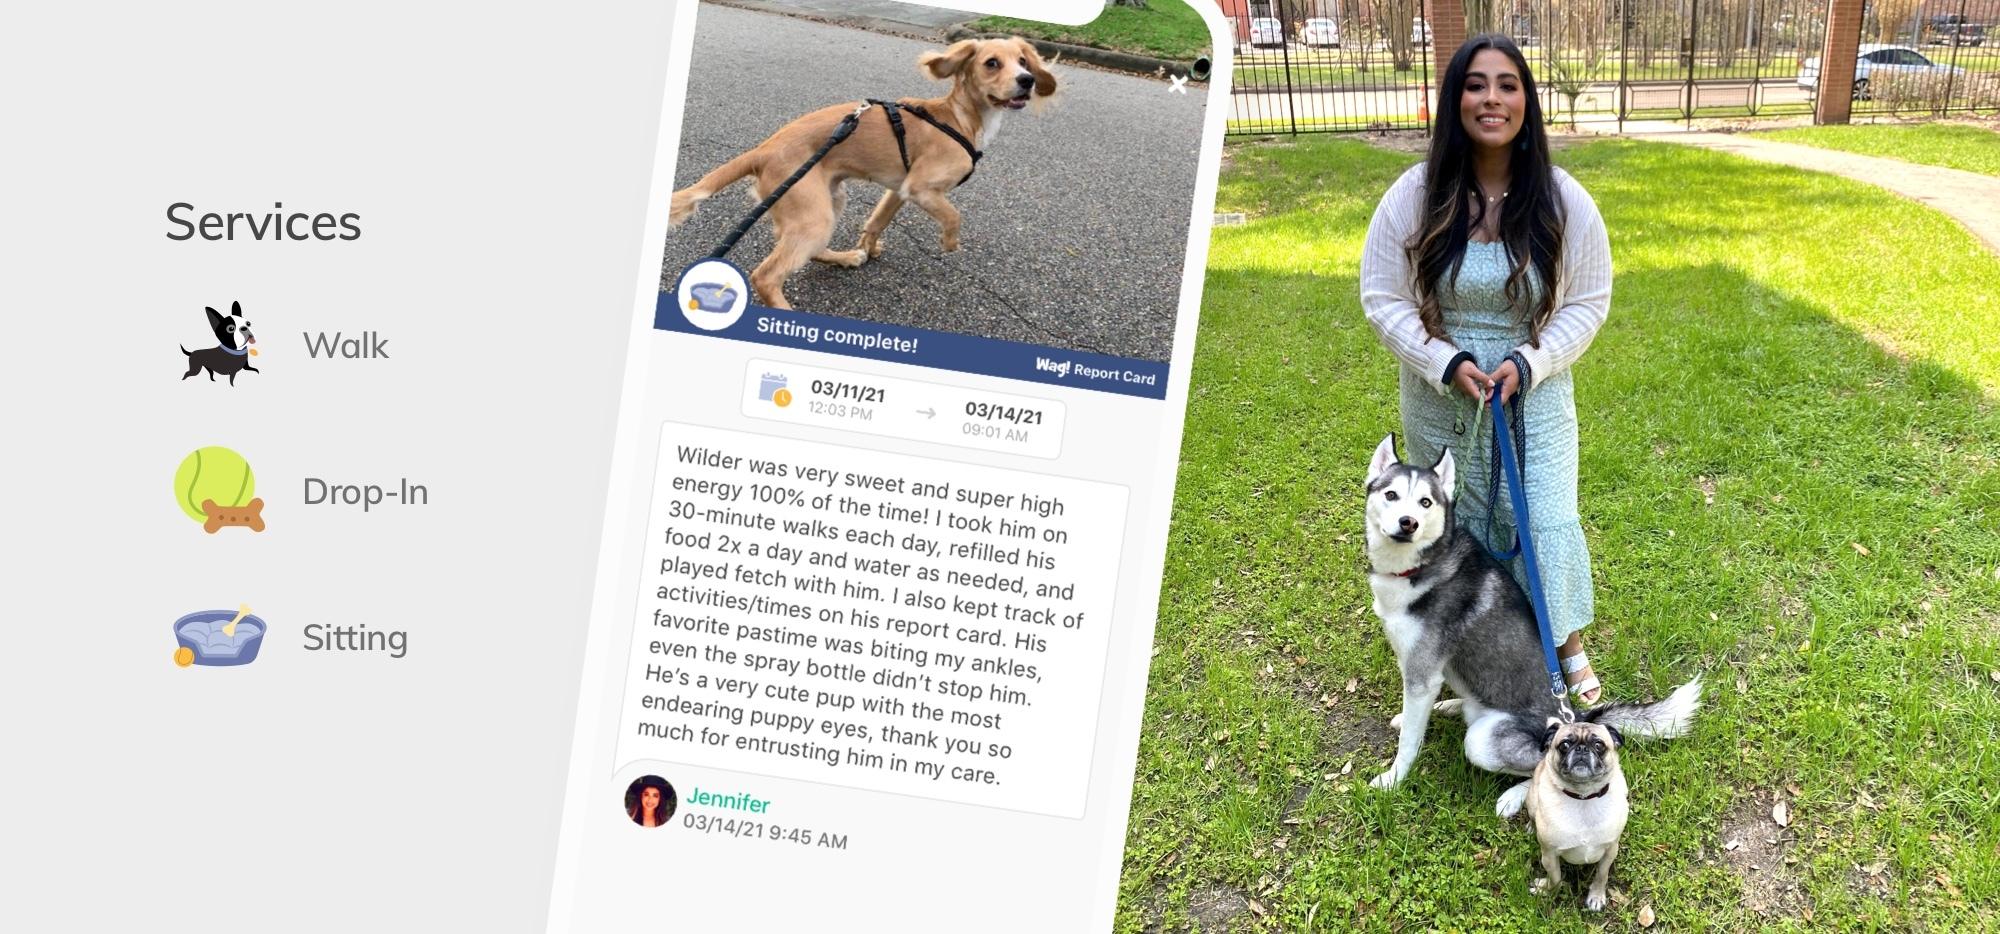 Vetted dog walker Jennifer walking her dog client, Wilder